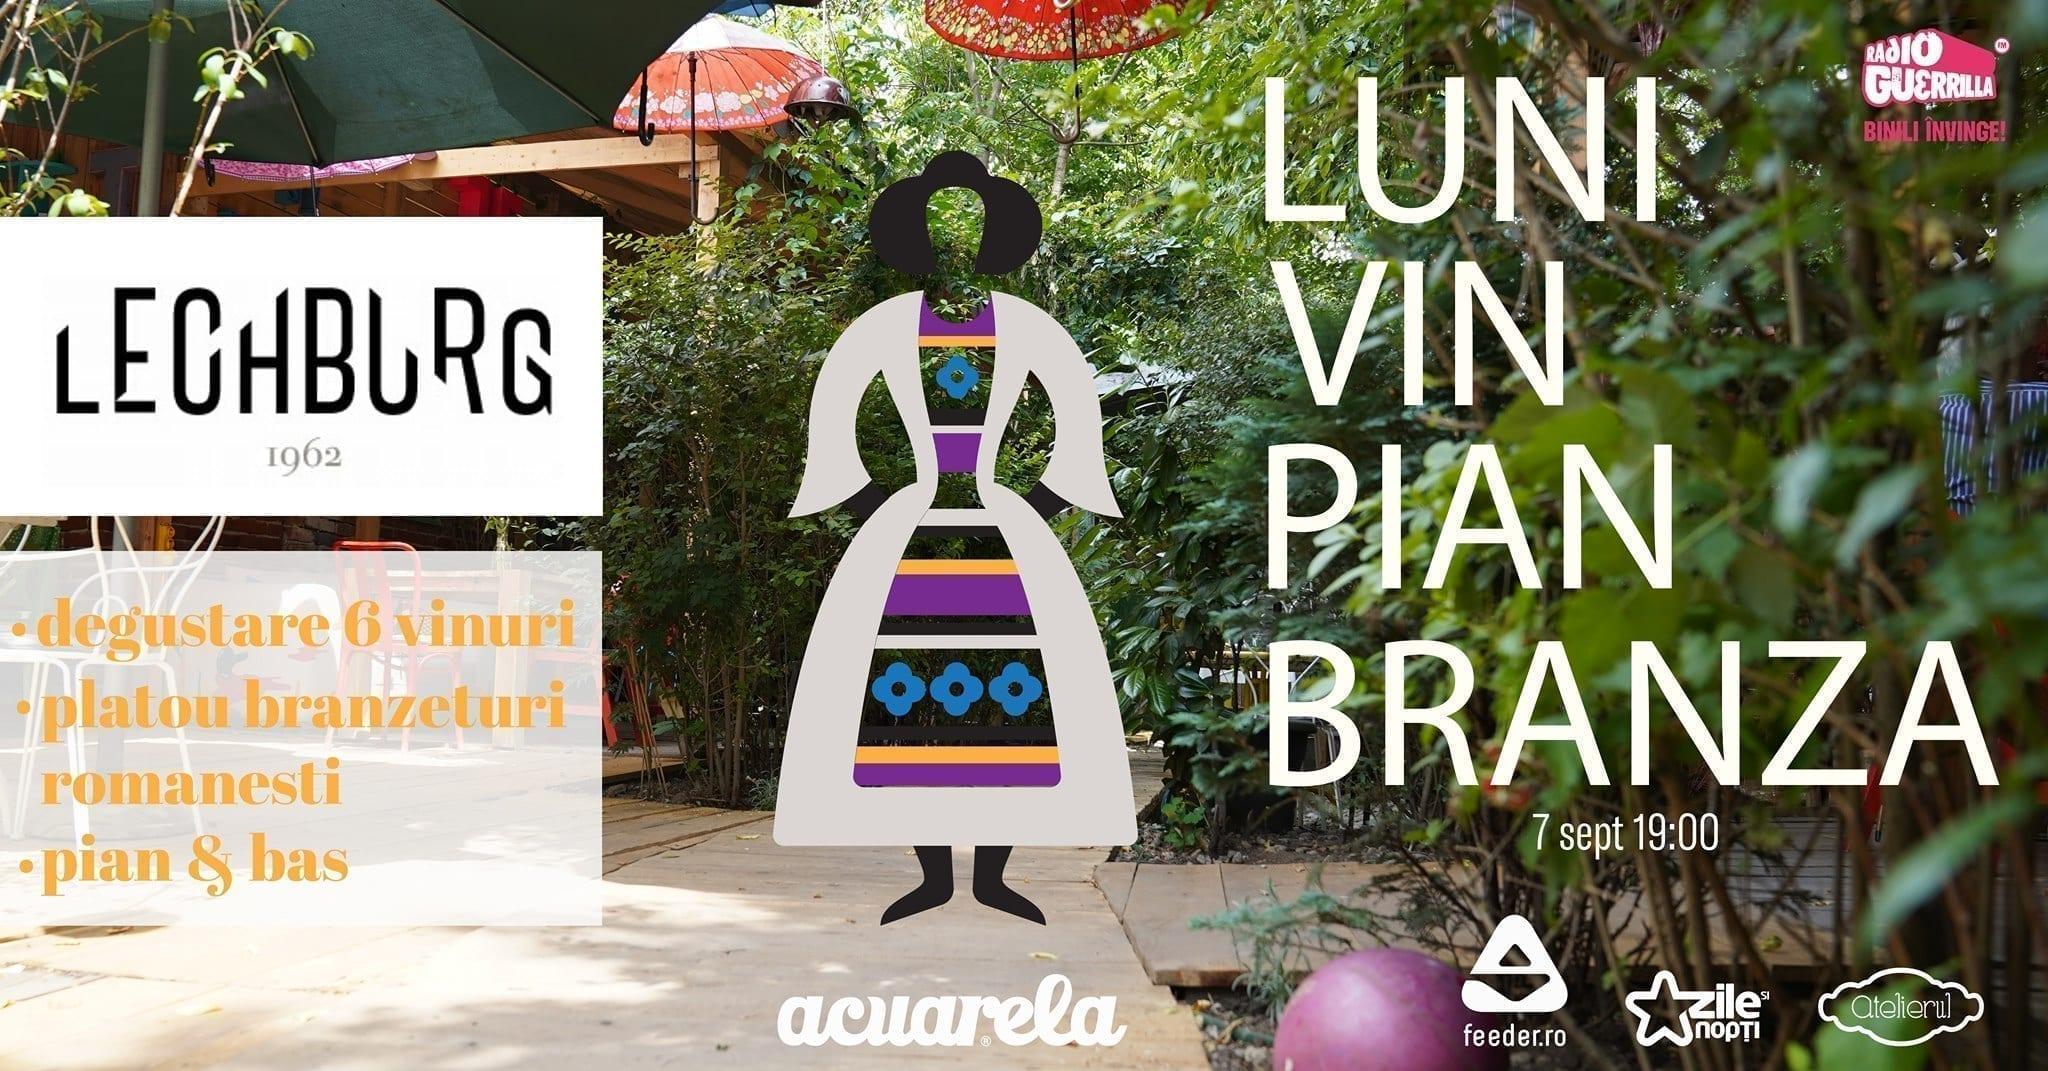 Luni Pian Vin Acuarela